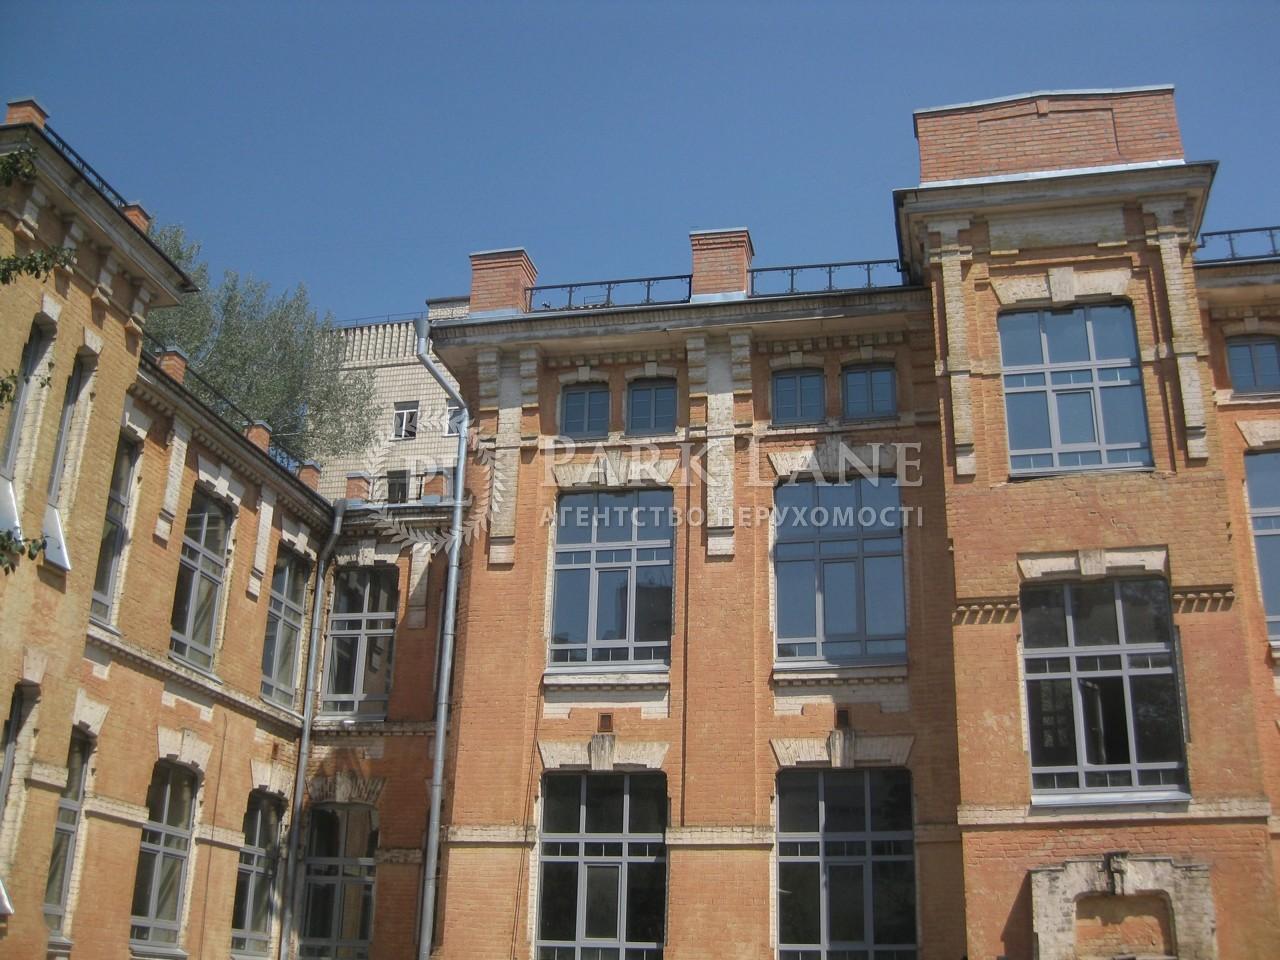 Будинок, Z-110704, Багговутівська, Київ - Фото 1